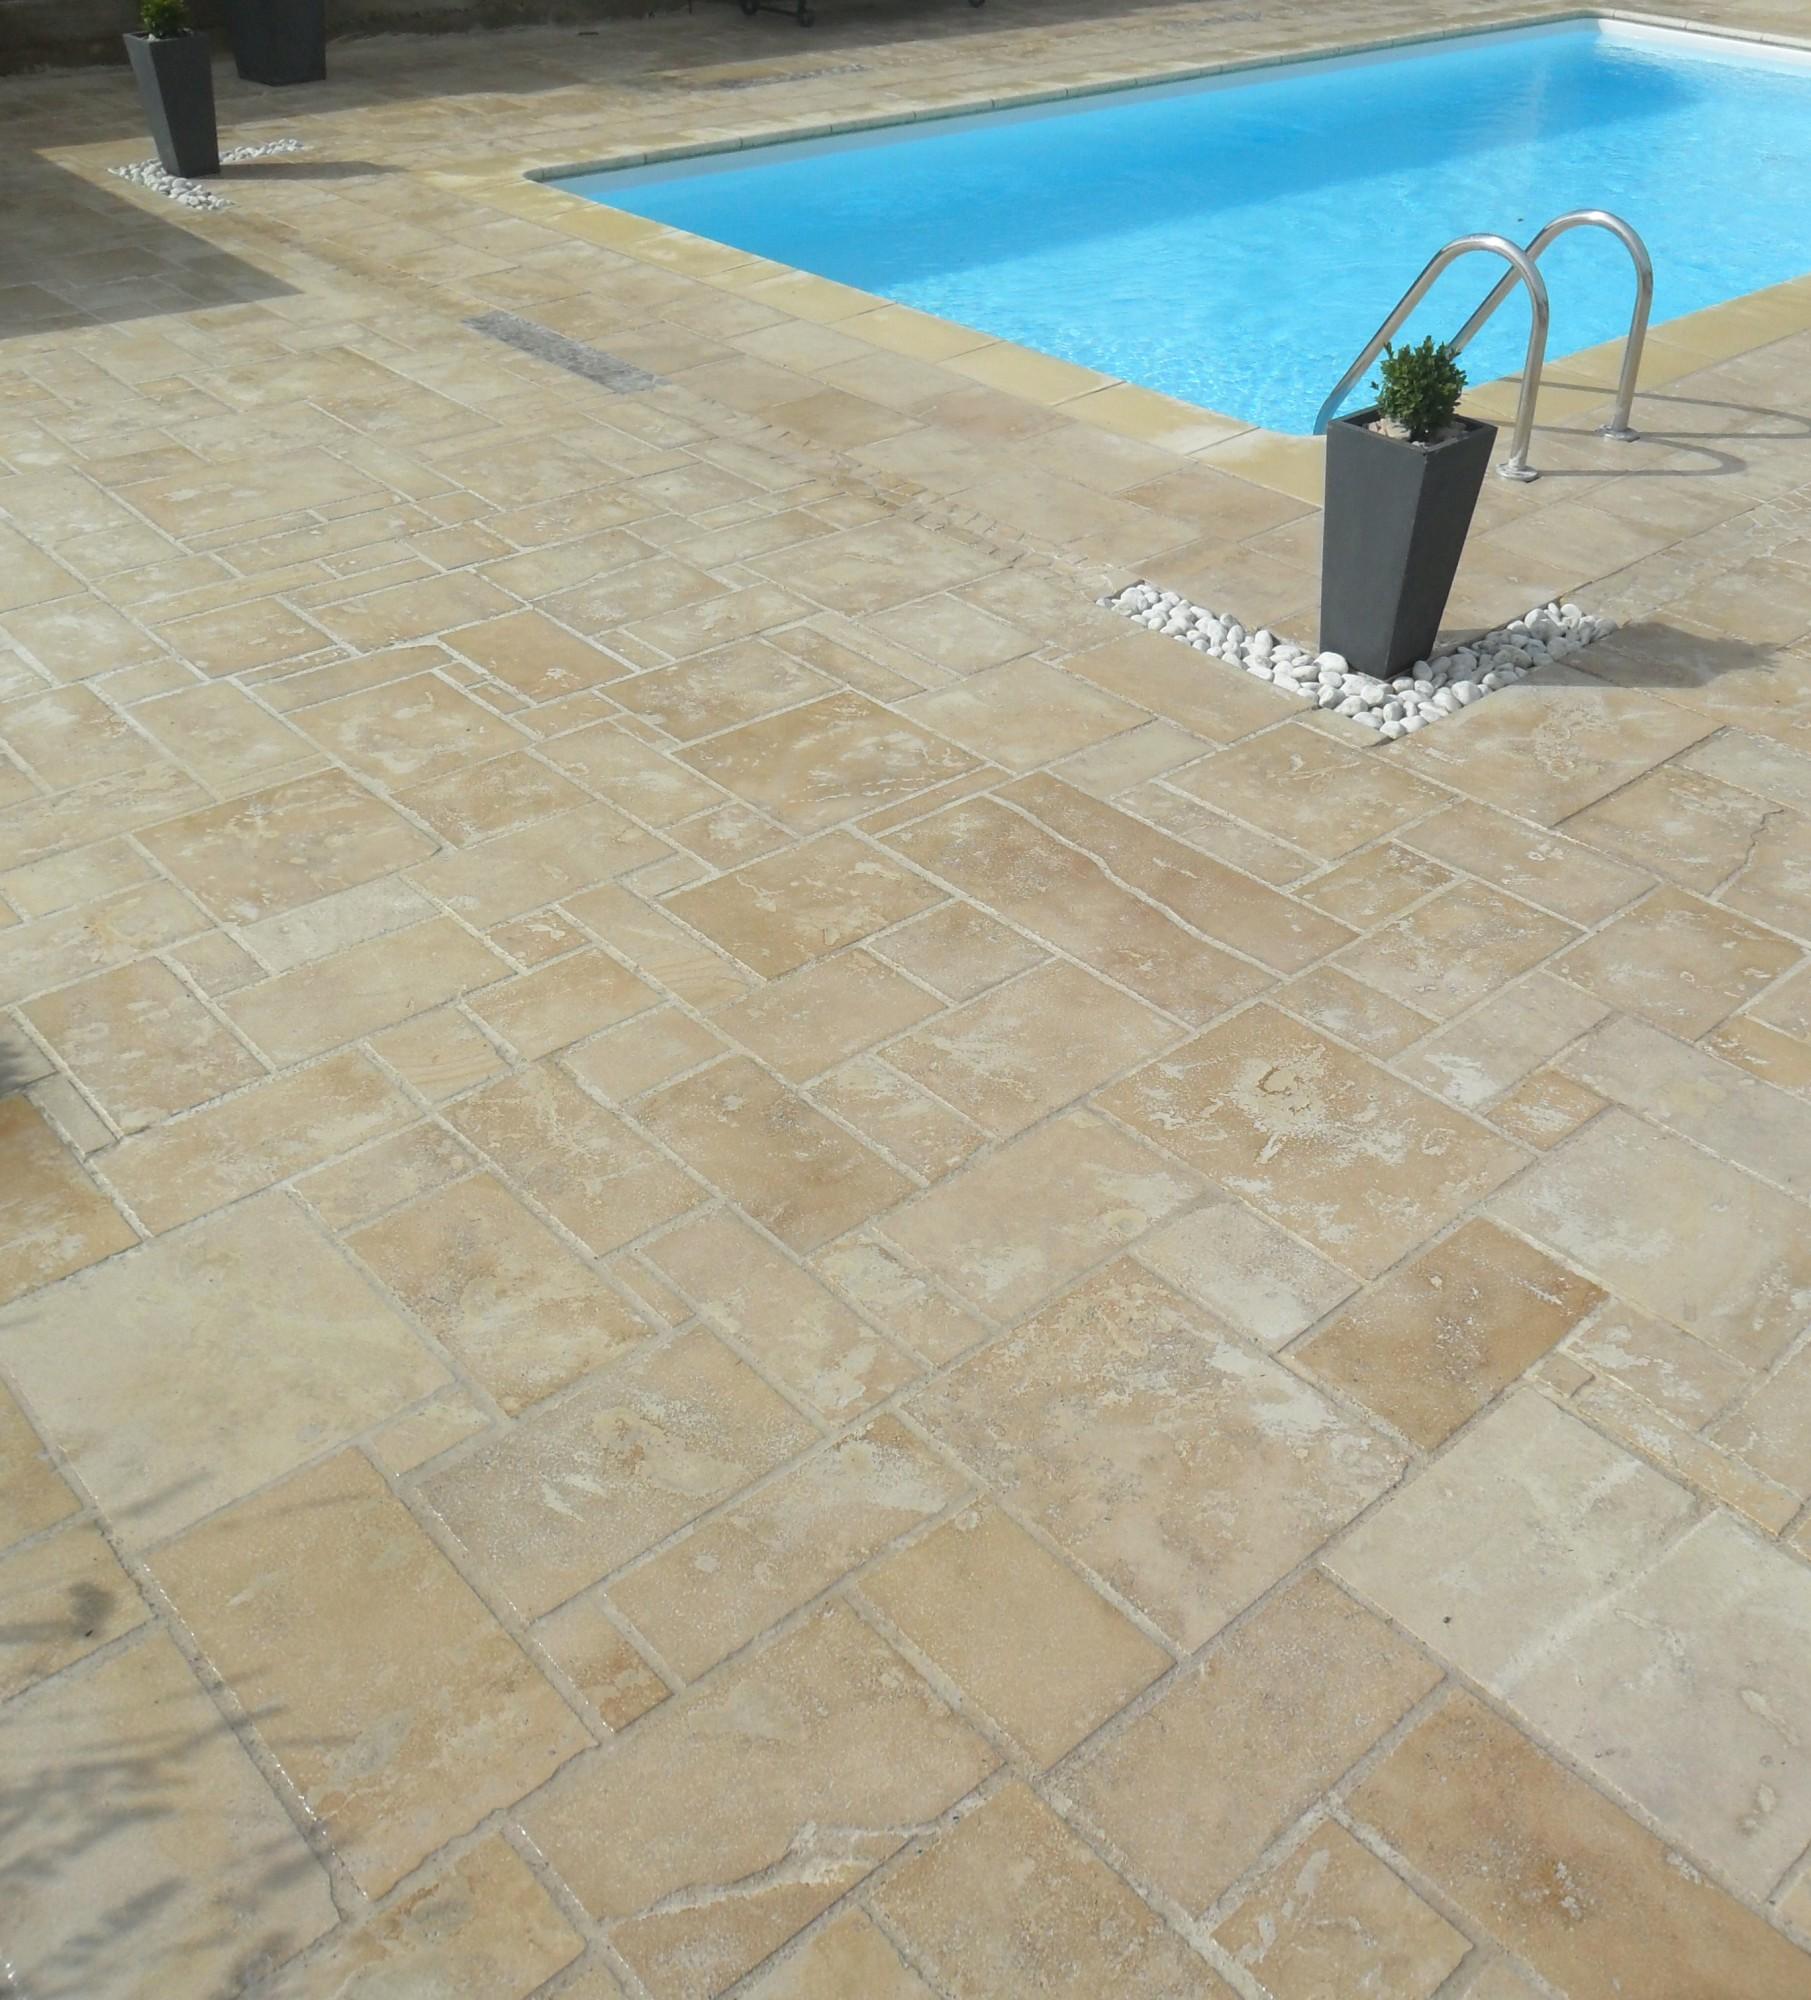 Pierre pour terrasse ext rieure plage de piscine for Terrasse en pierre naturelle pose